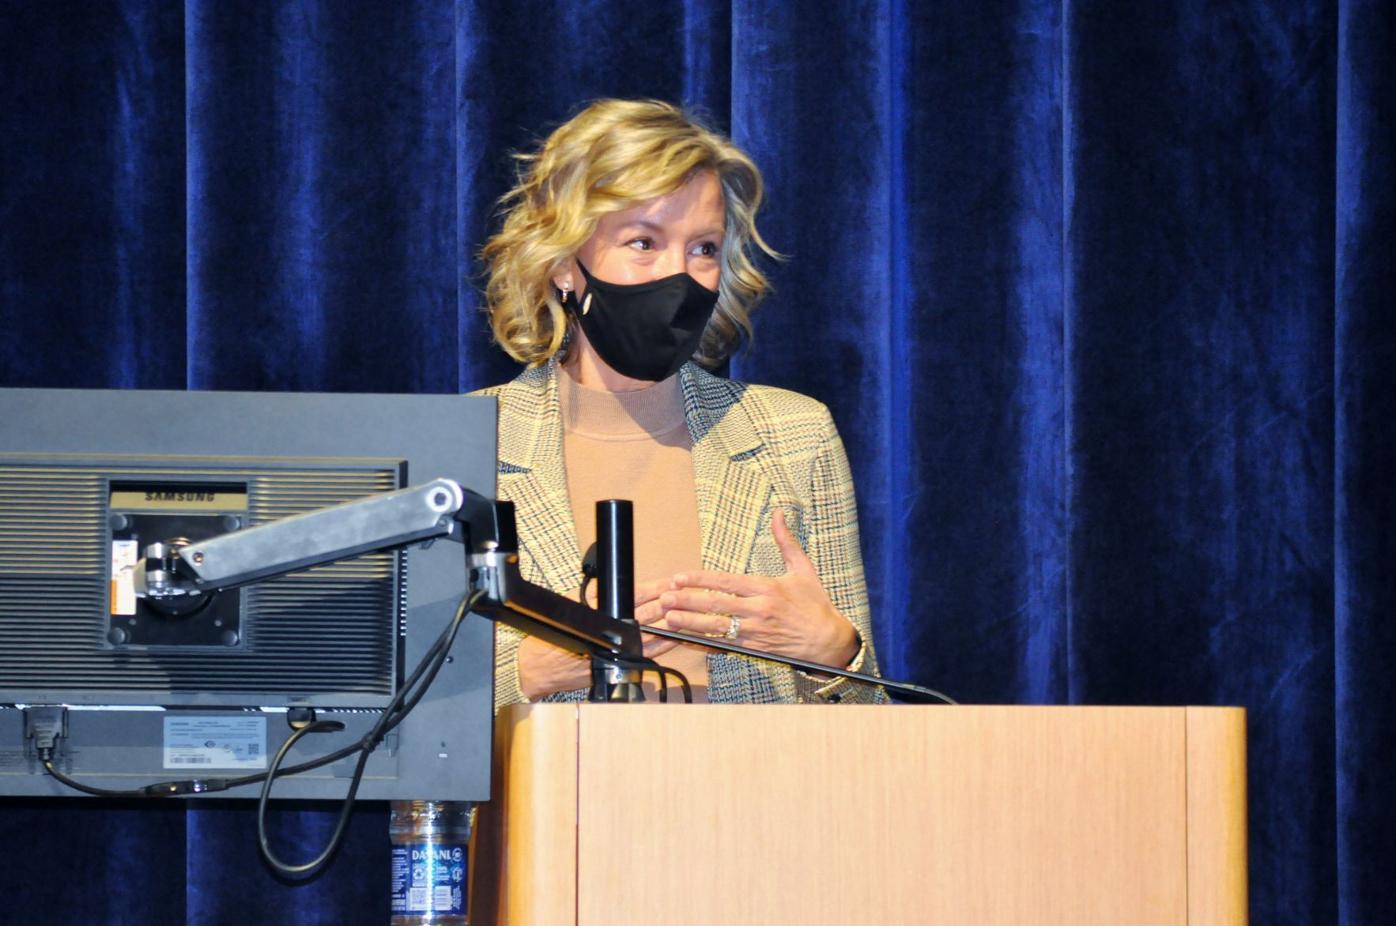 Michelle Redman